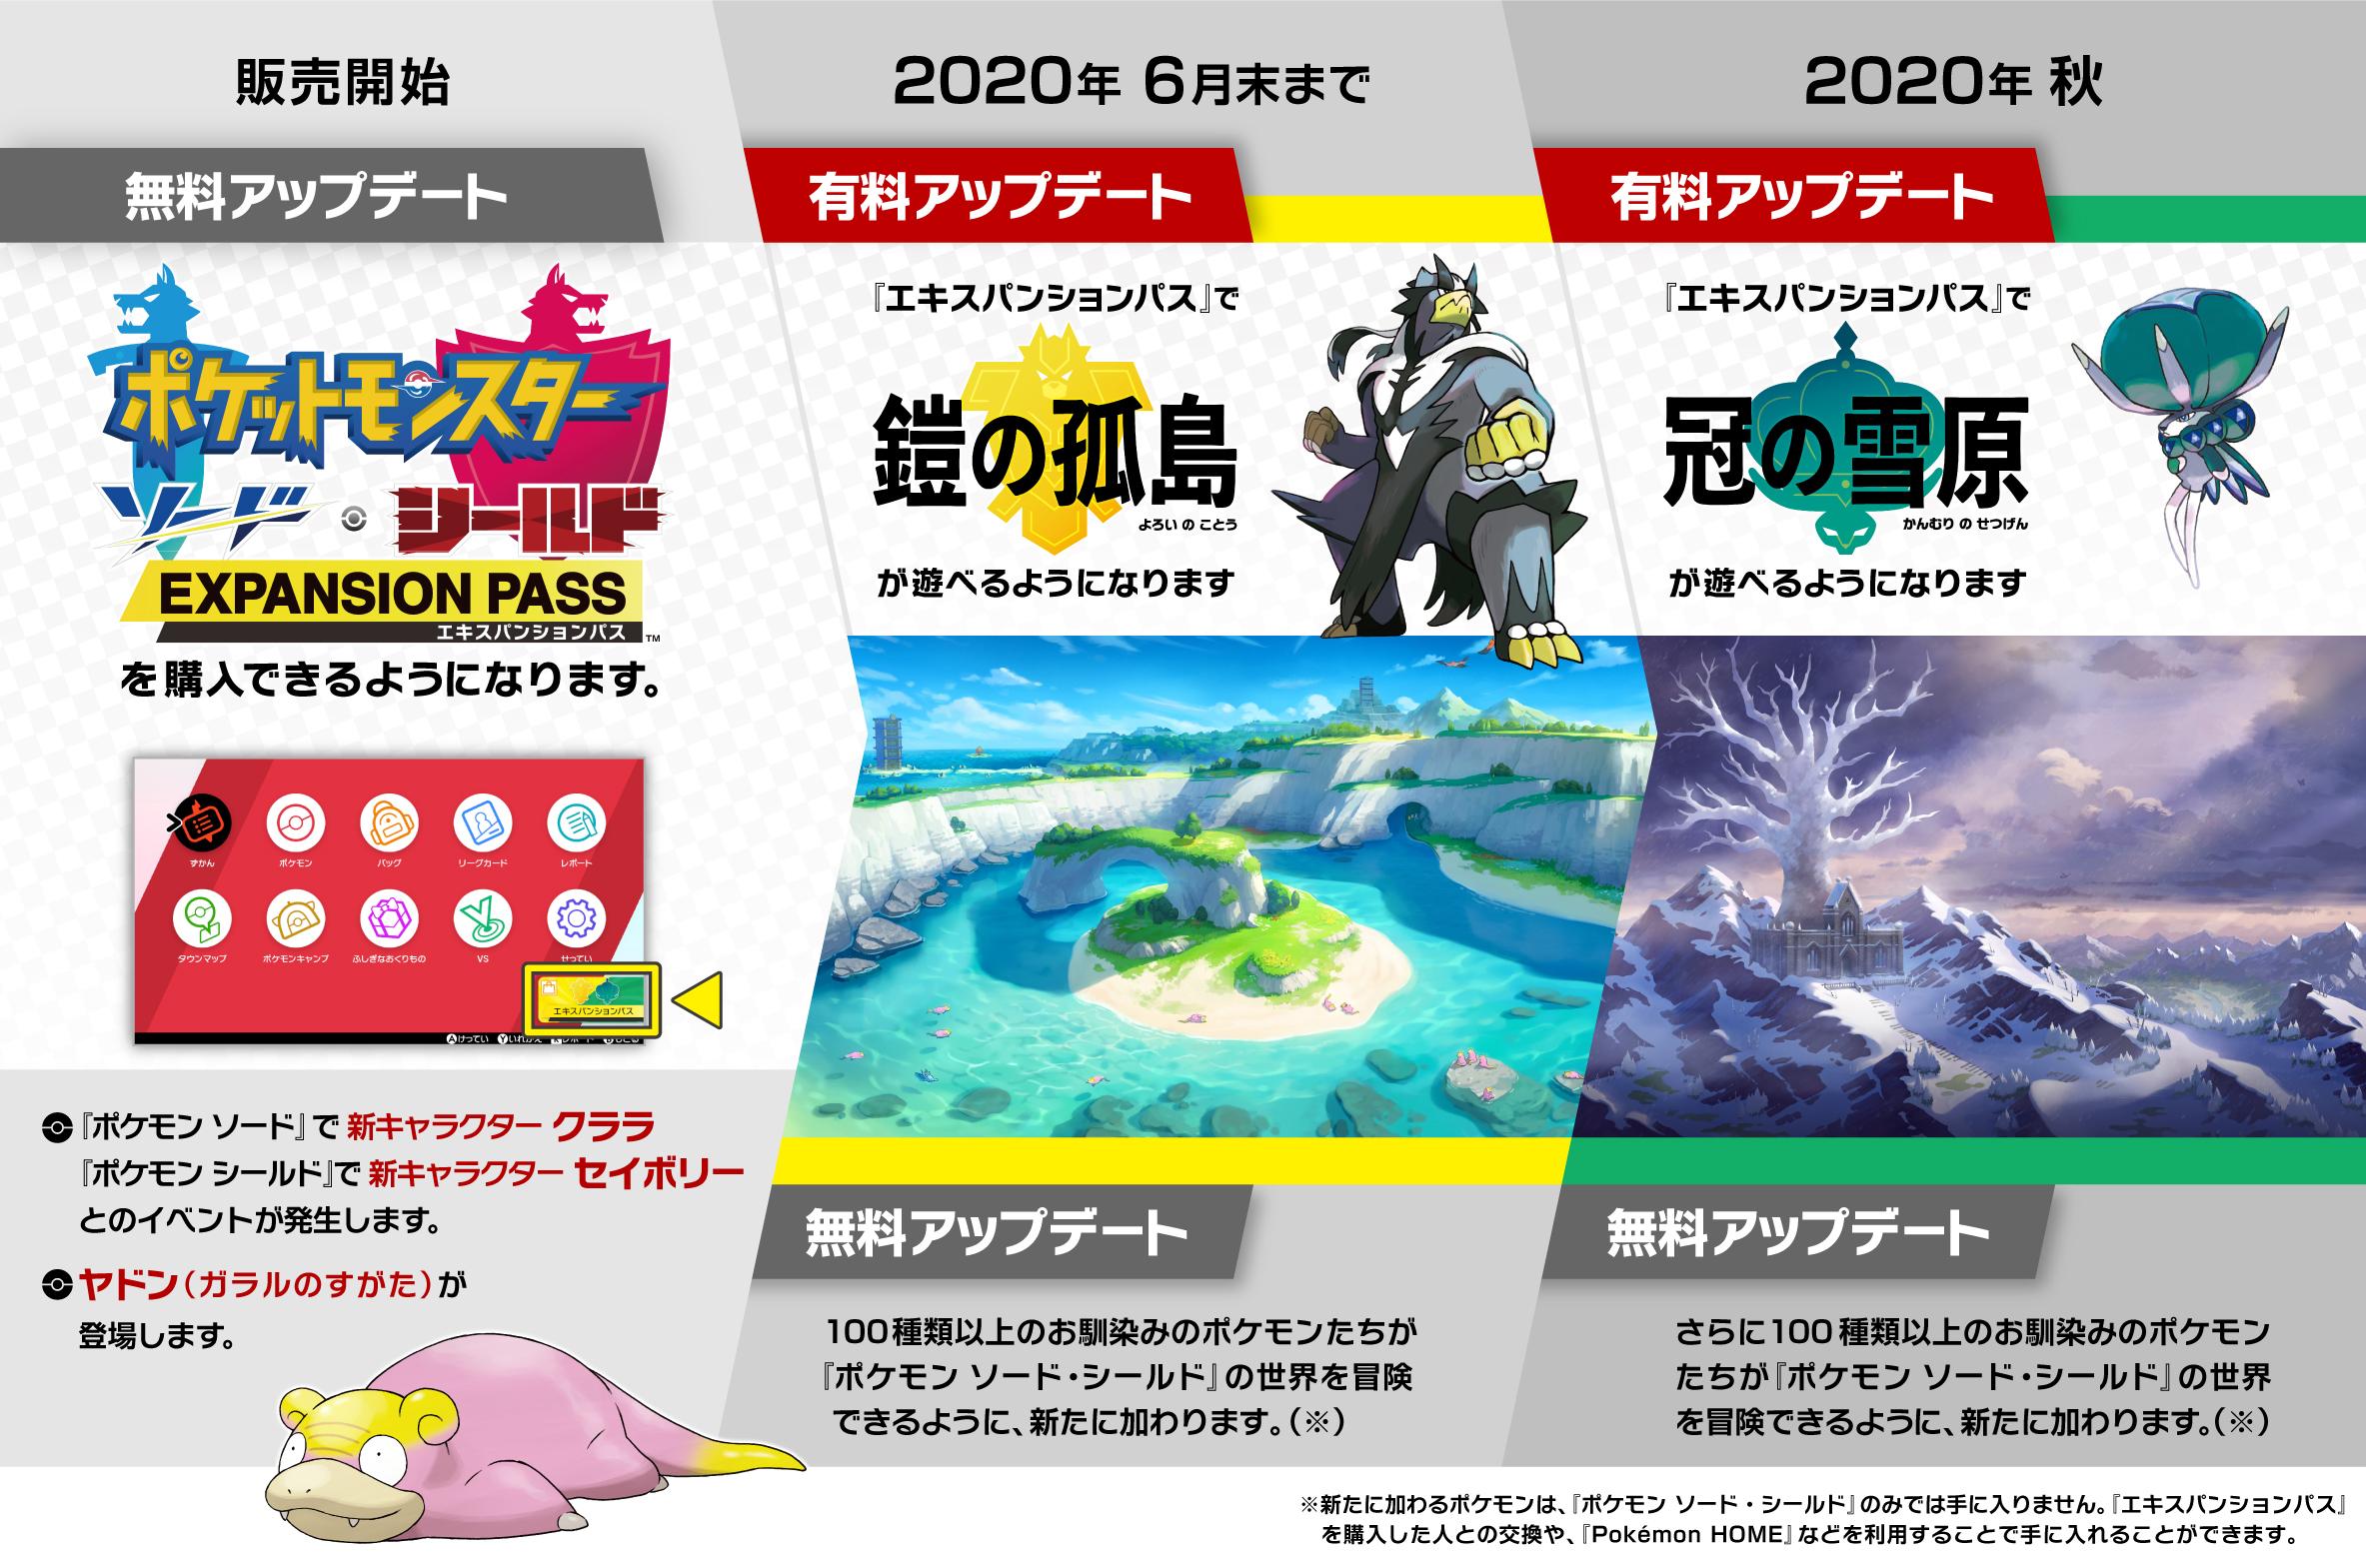 概念図 (c)2020 Pokémon. (c)1995-2020 Nintendo/Creatures Inc. /GAME FREAK inc.